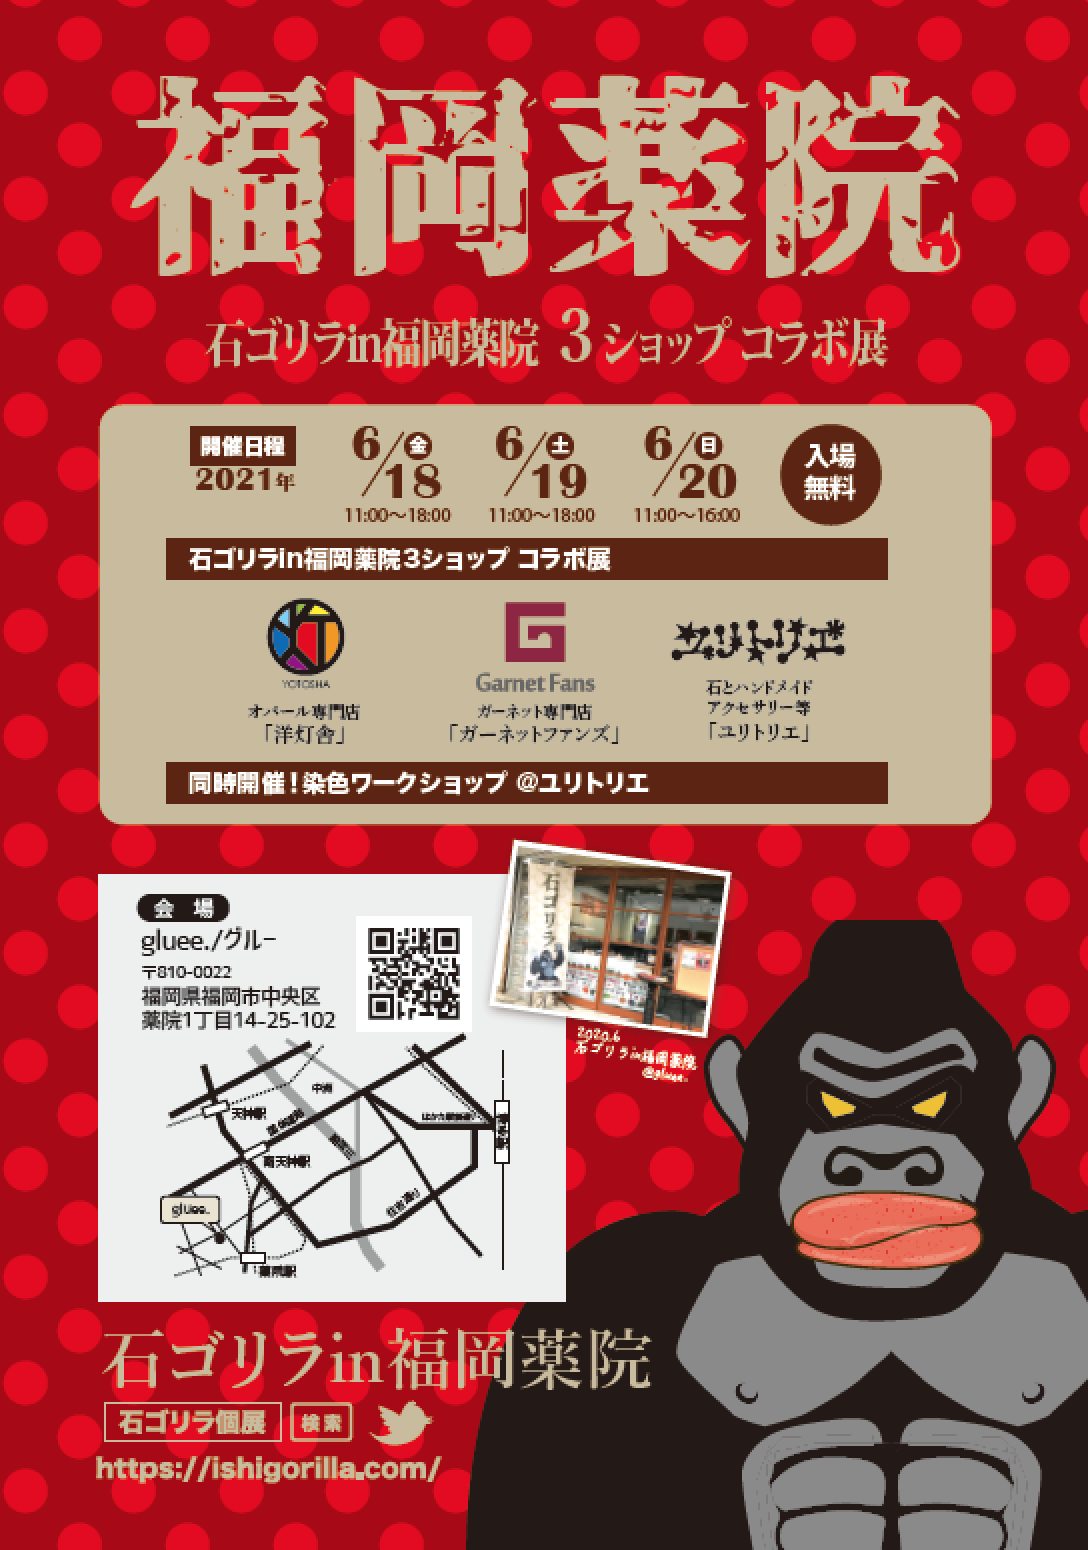 fukuokayakuin-gorilla2021invitation